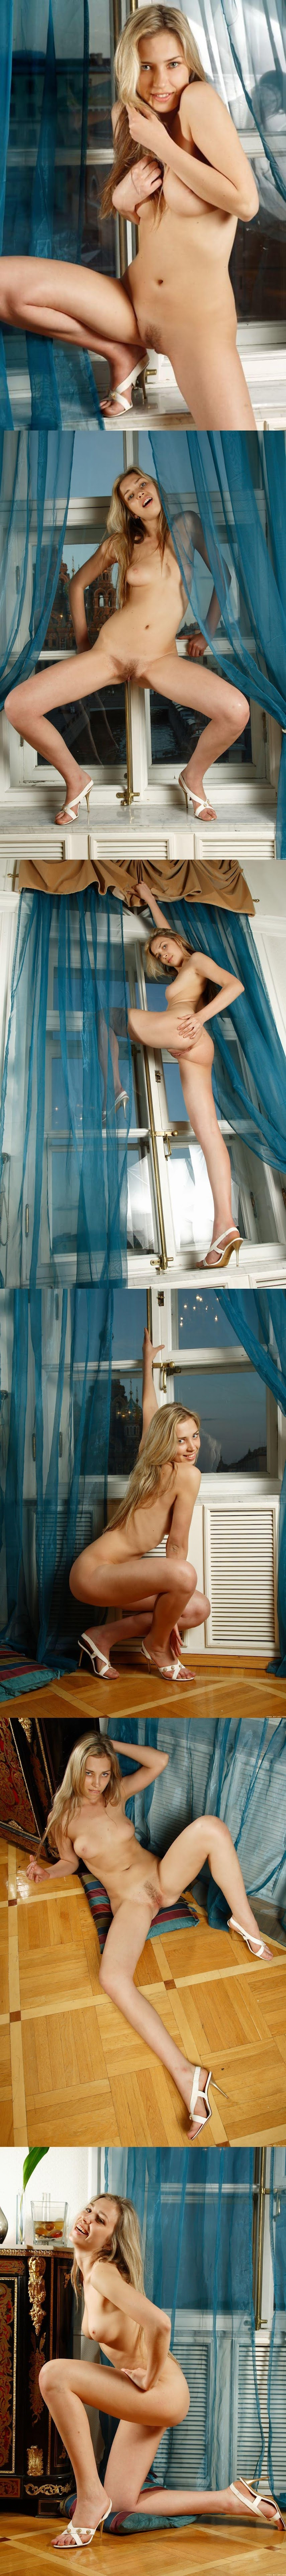 Met-Art MA 20080806 - Victoria B - Presenting - by Erro met-art 06280